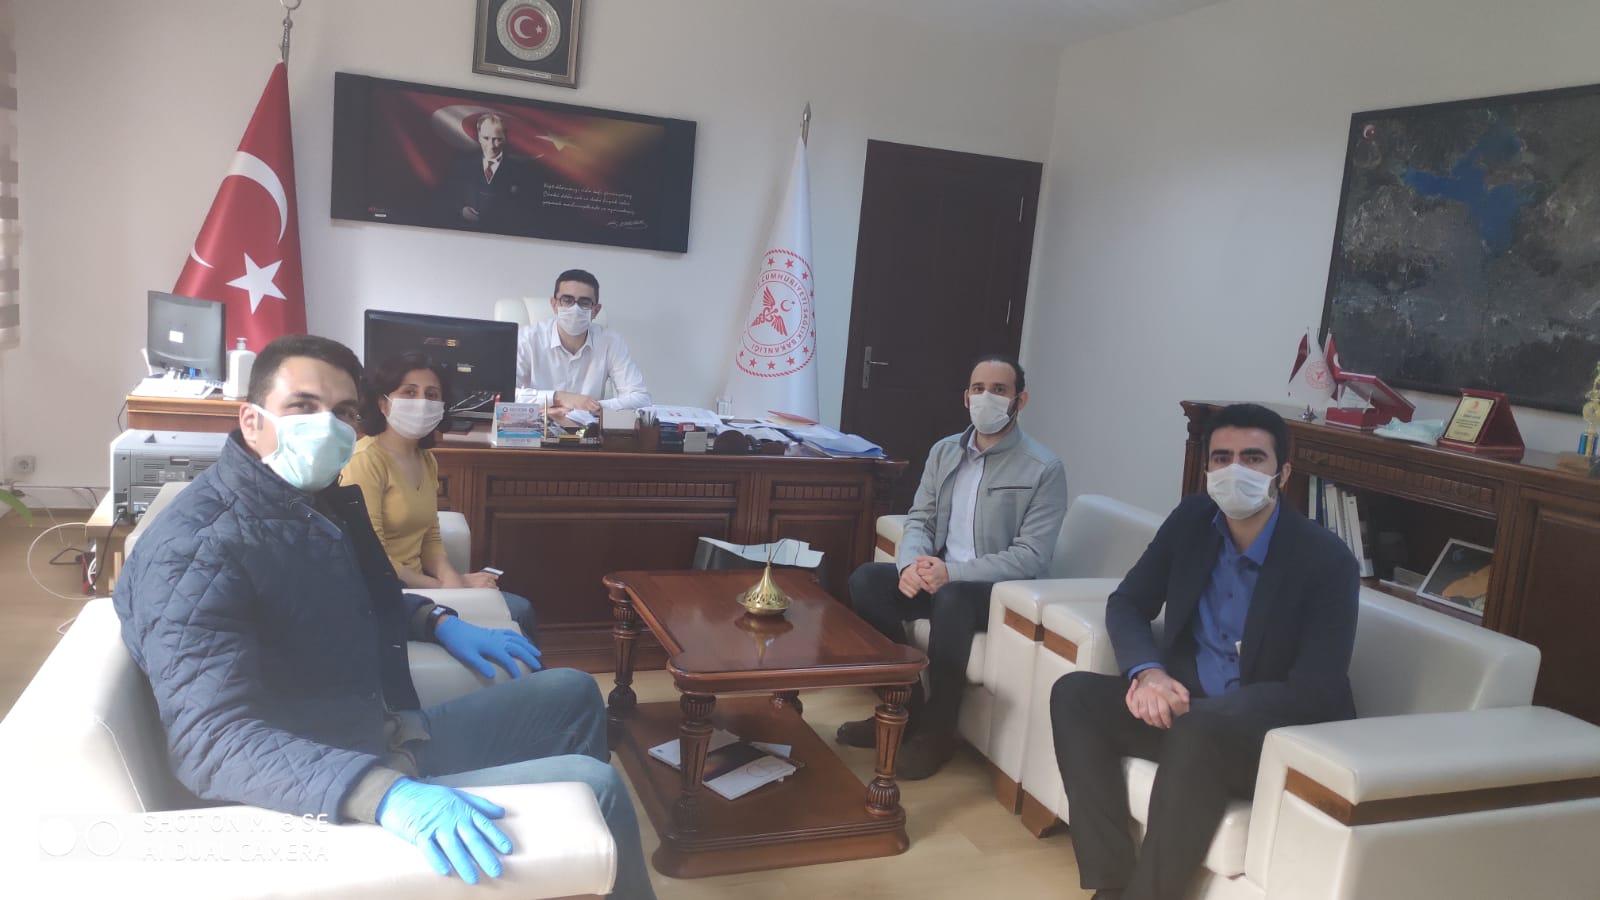 Adana Şubemiz Adana Kamu Hastaneleri Başkanı İle Görüştü